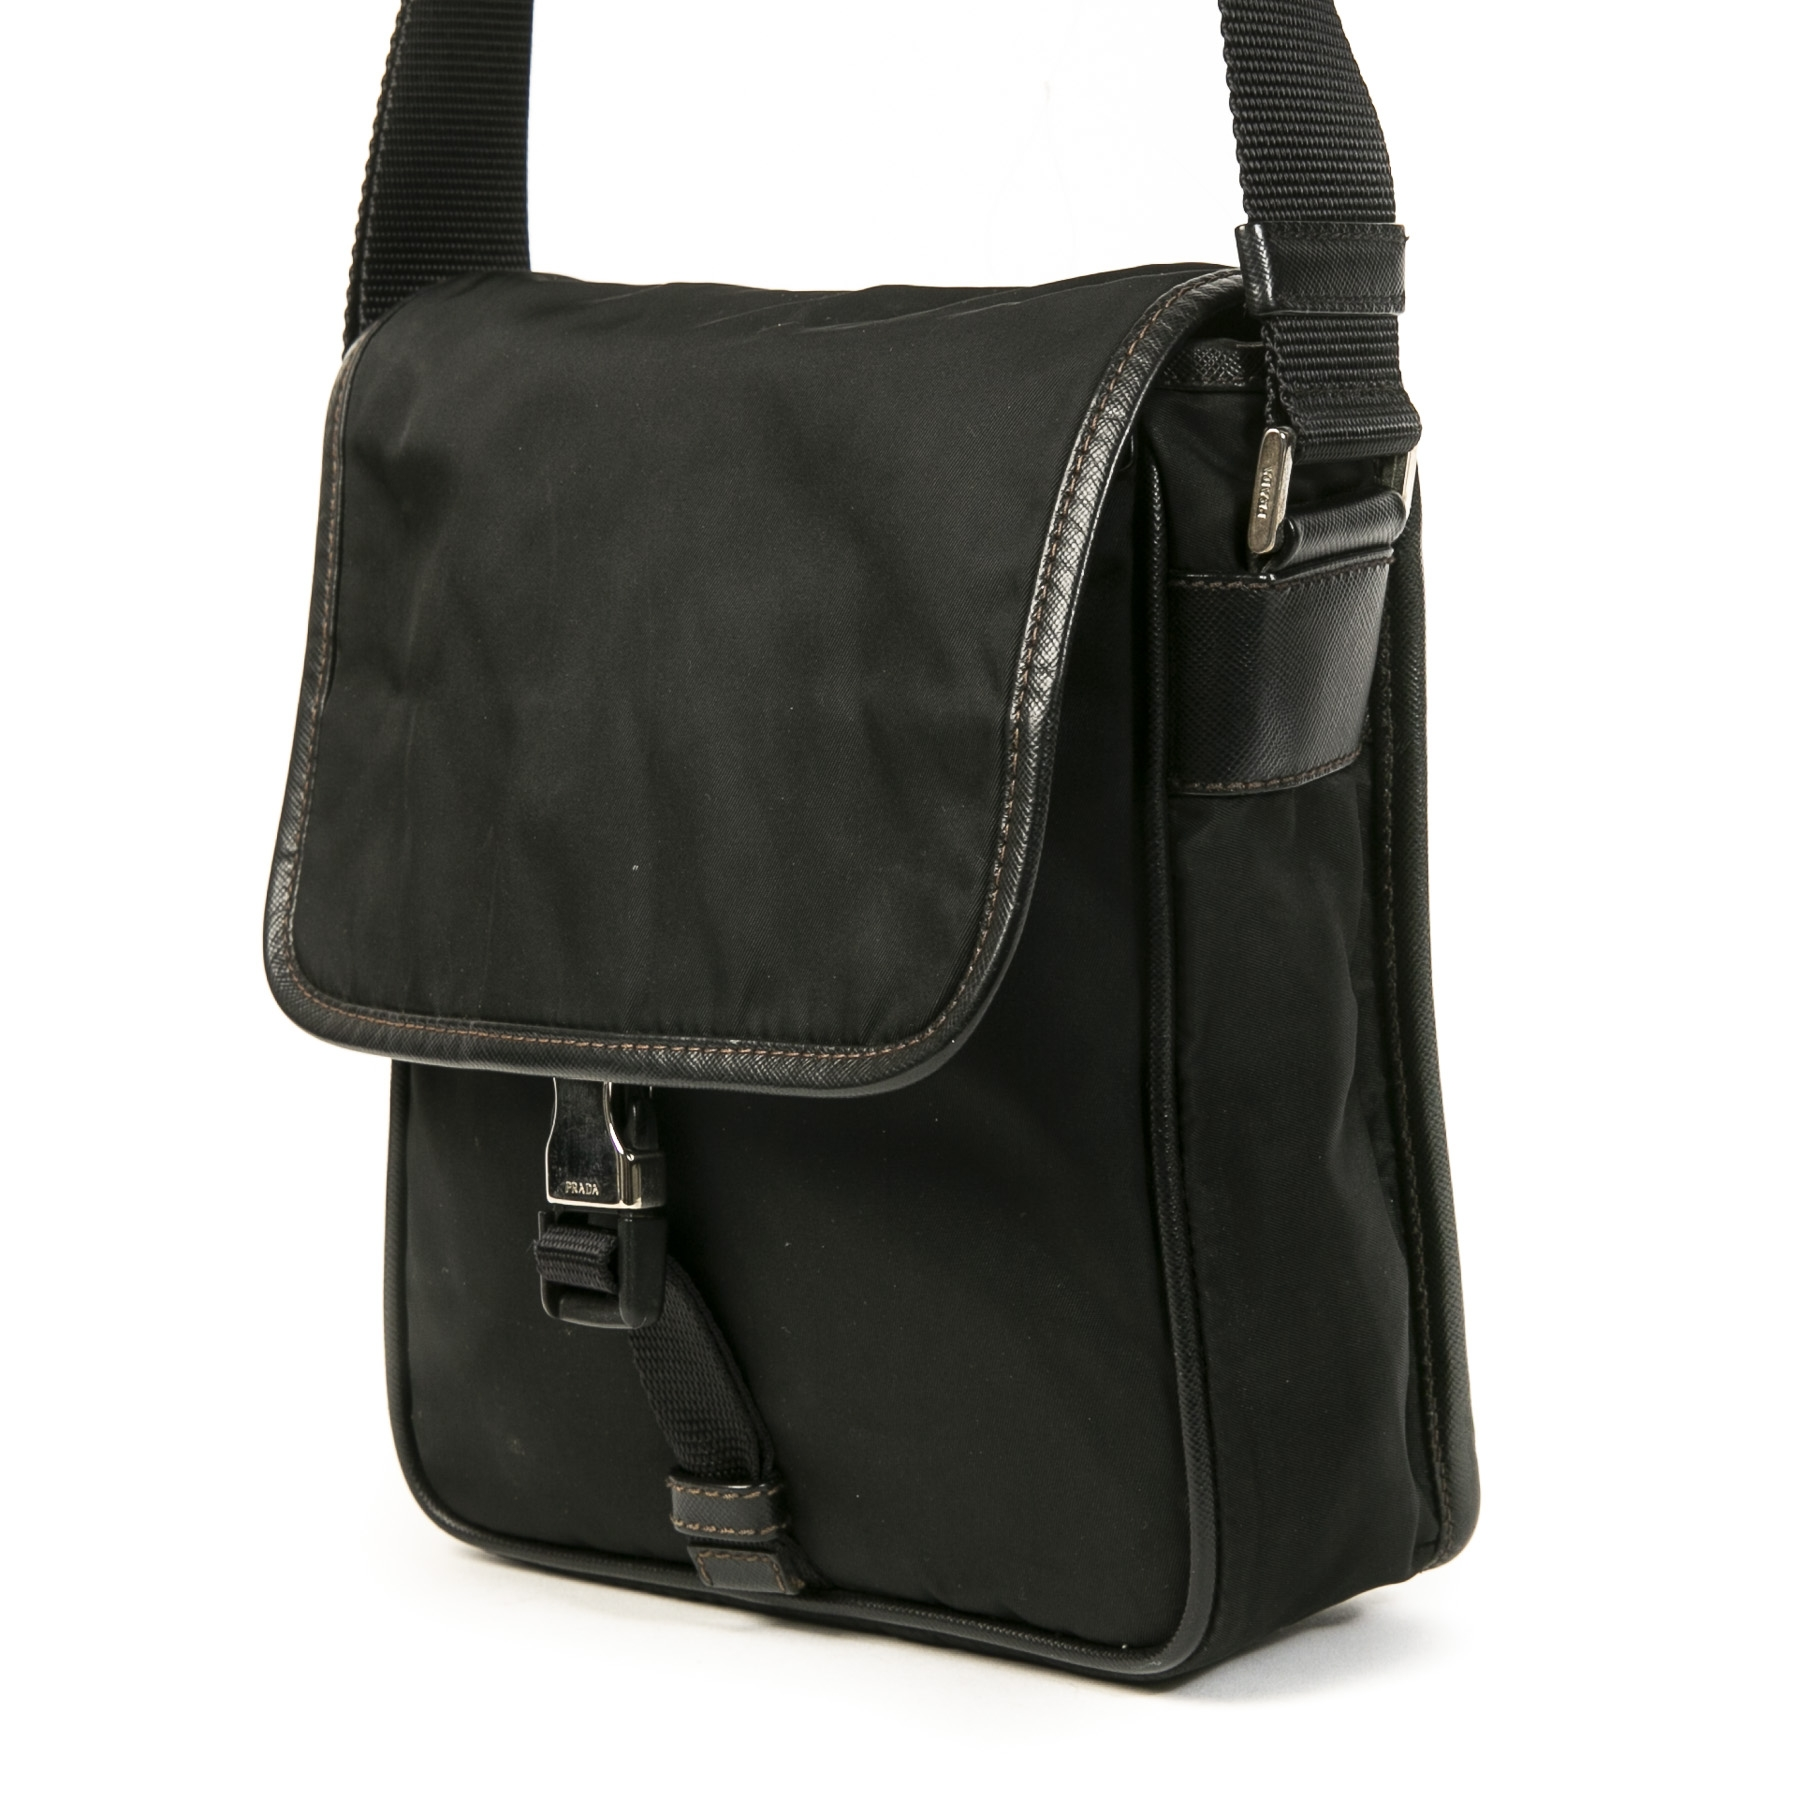 Authentieke Tweedehands Prada Black Nylon Front Flap Shoulder Bag juiste prijs veilig online shoppen luxe merken webshop winkelen Antwerpen België mode fashion